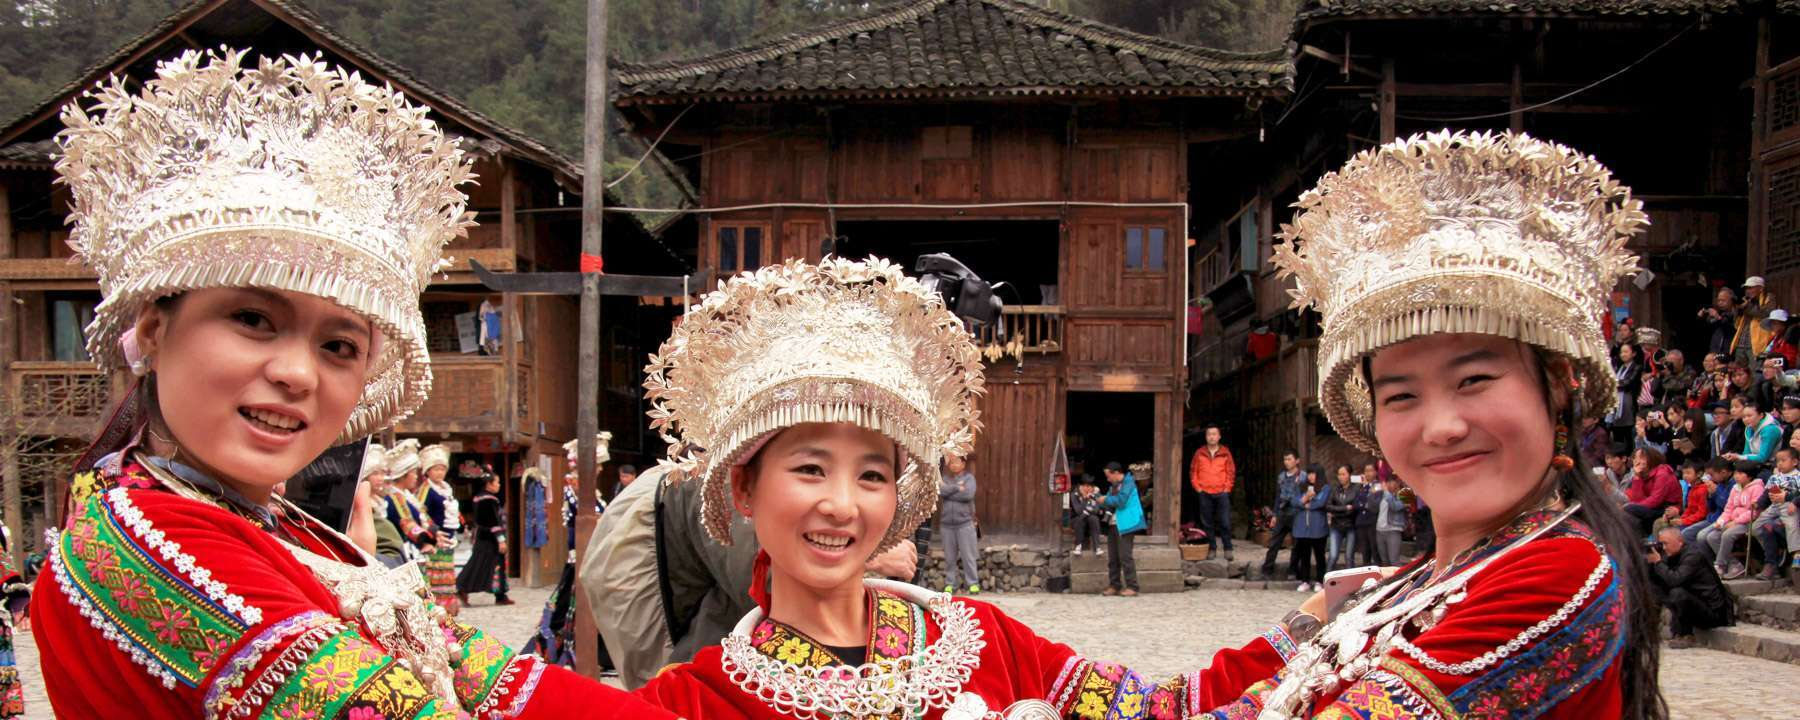 China Minority Discovery Tours